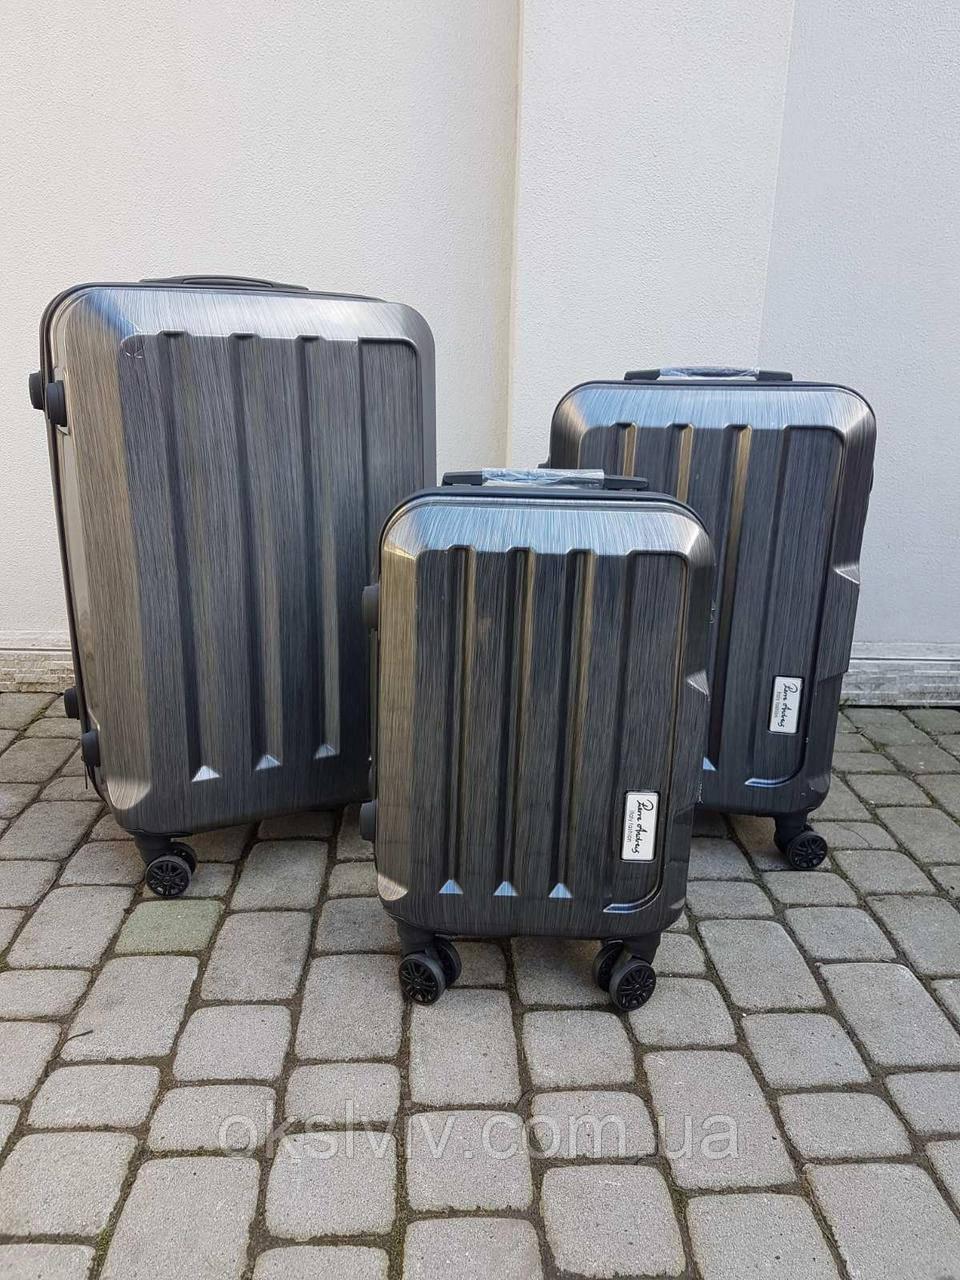 PERRE ANDRES Італія 100% полікарбонат валізи чемоданы сумки на колесах